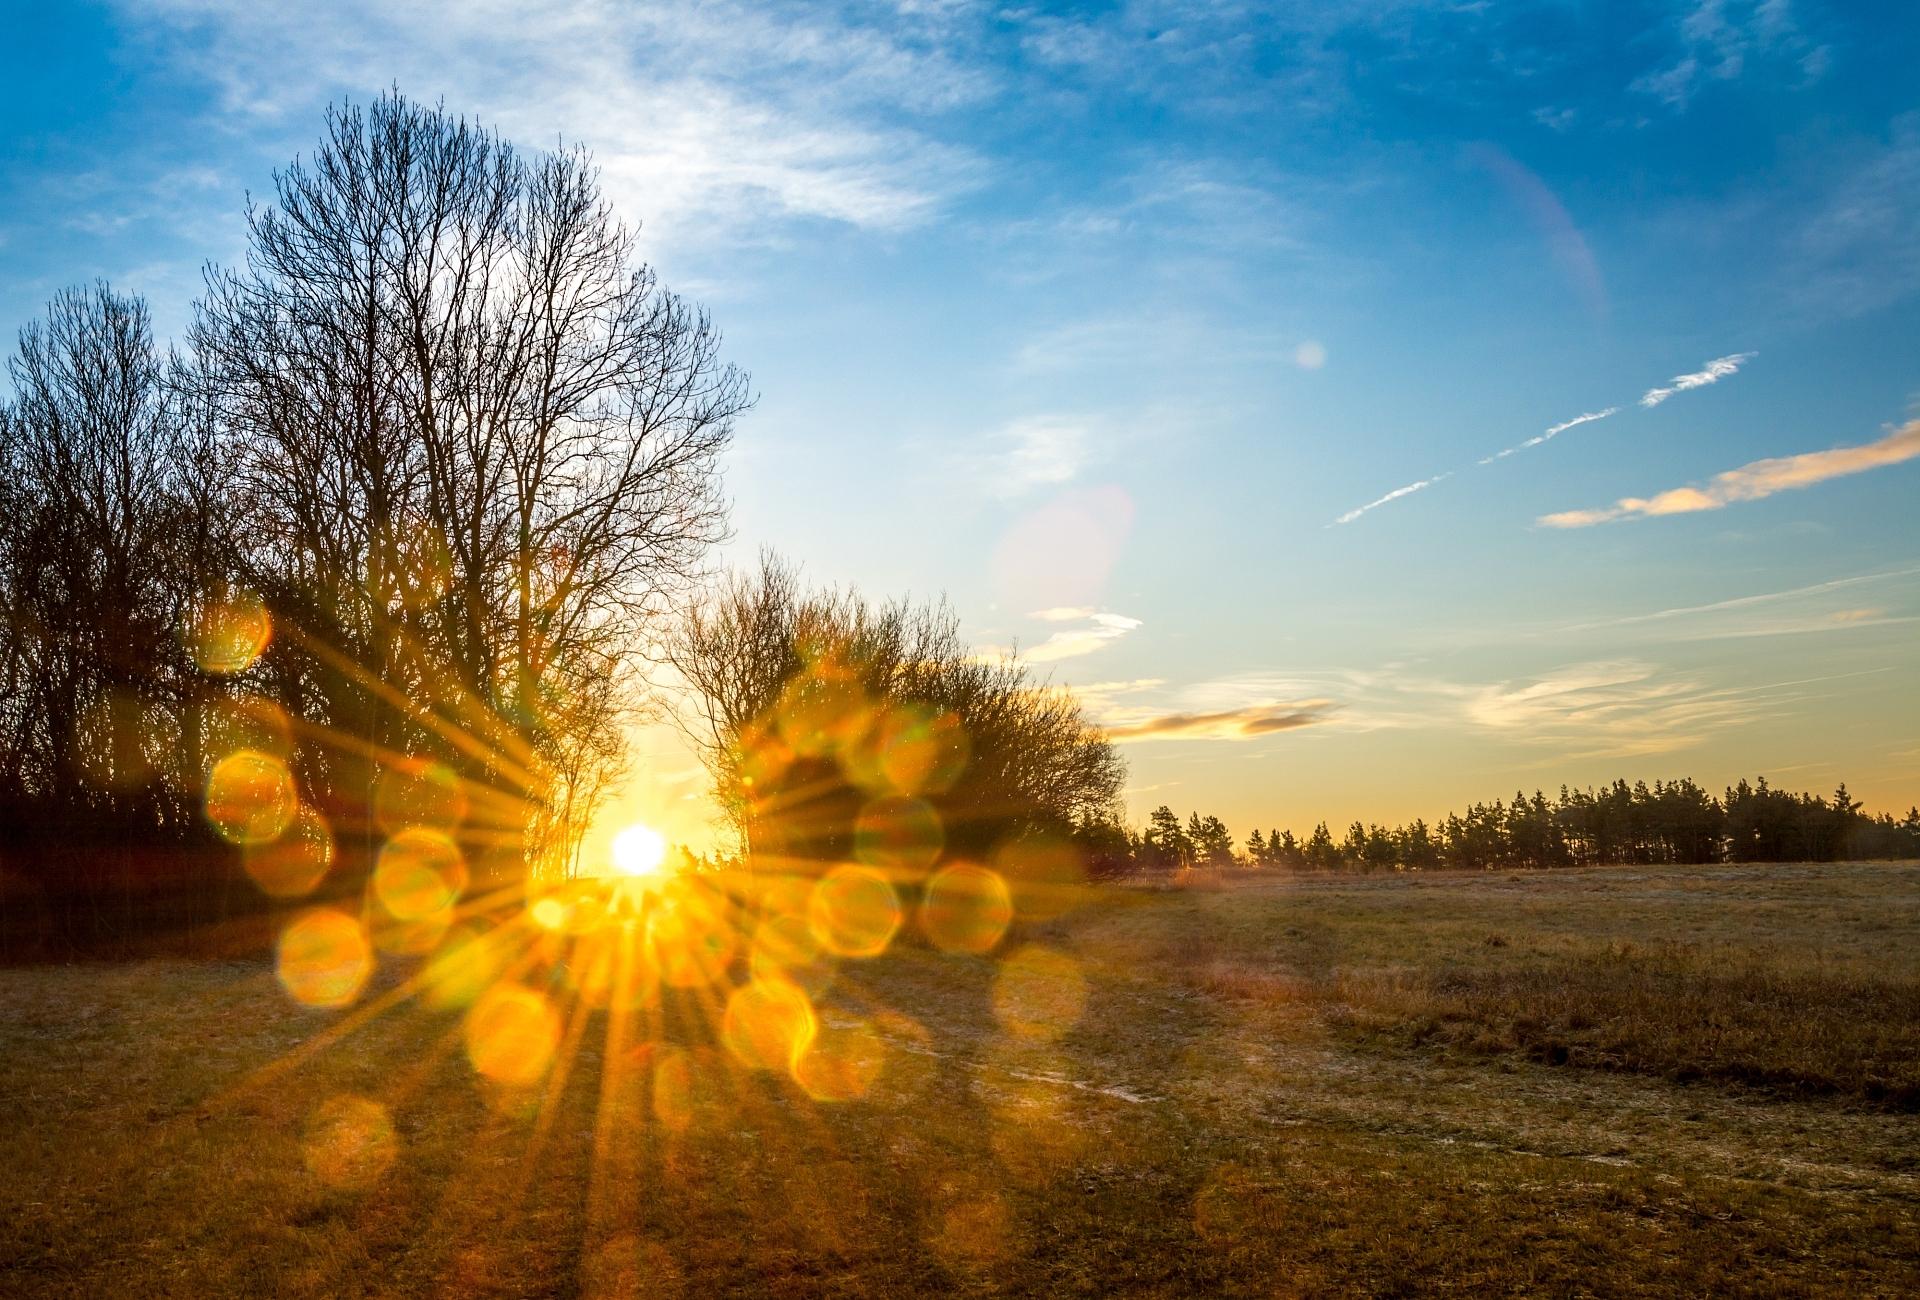 истинная солнце днем картинки каждого человека